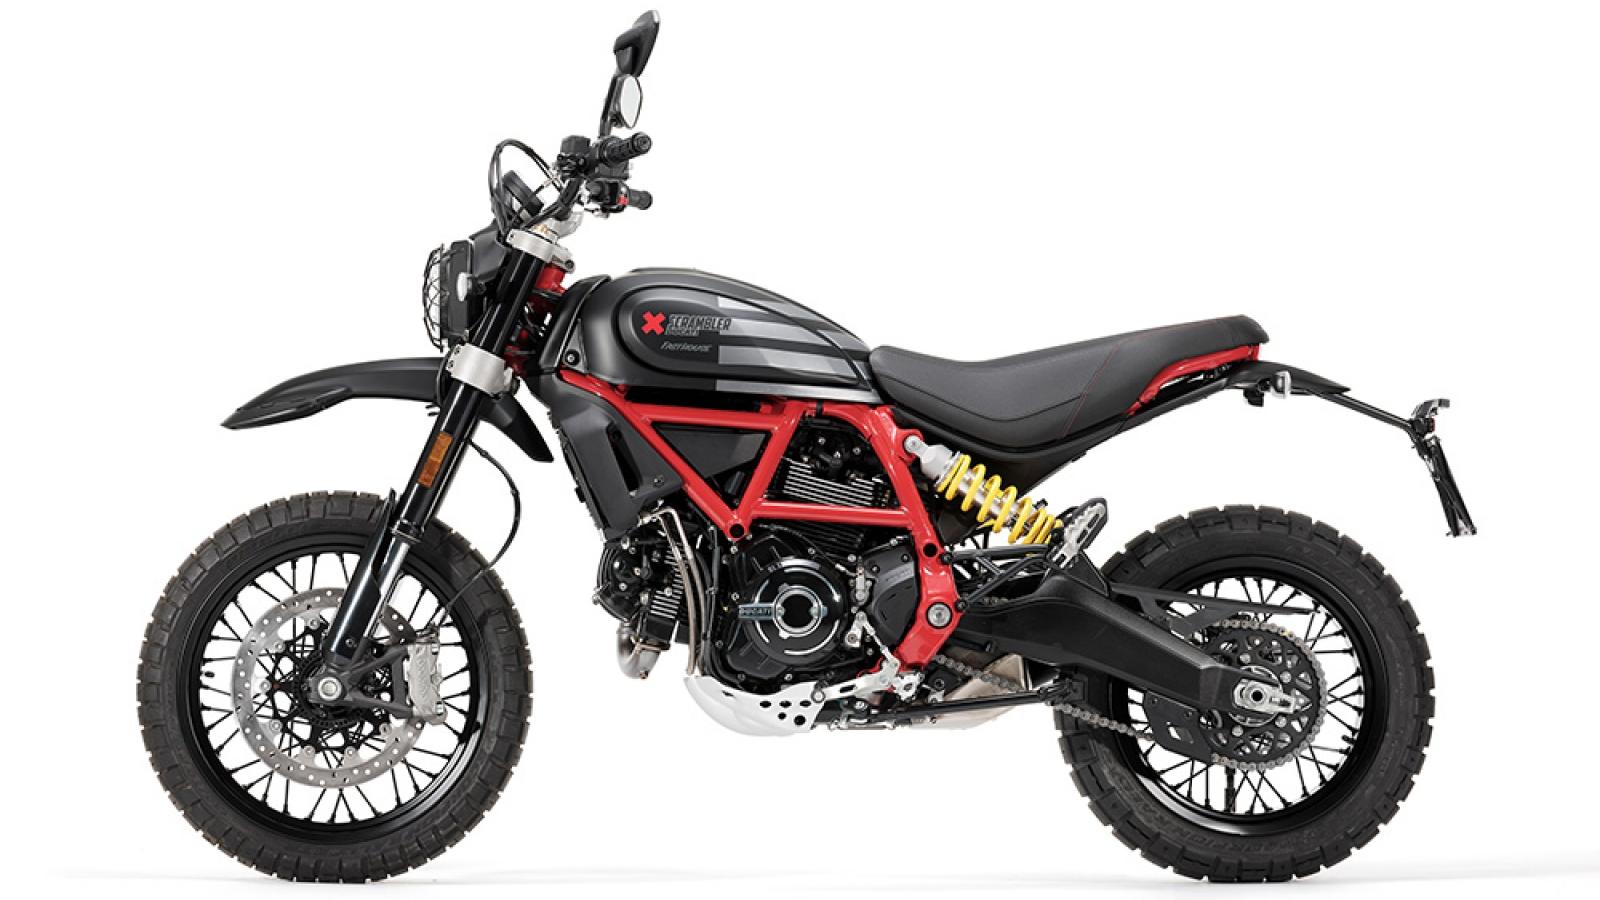 Ducati Scrambler ra bản đặc biệt mừng chiến thắng giải đua Mint 400 Hooligan